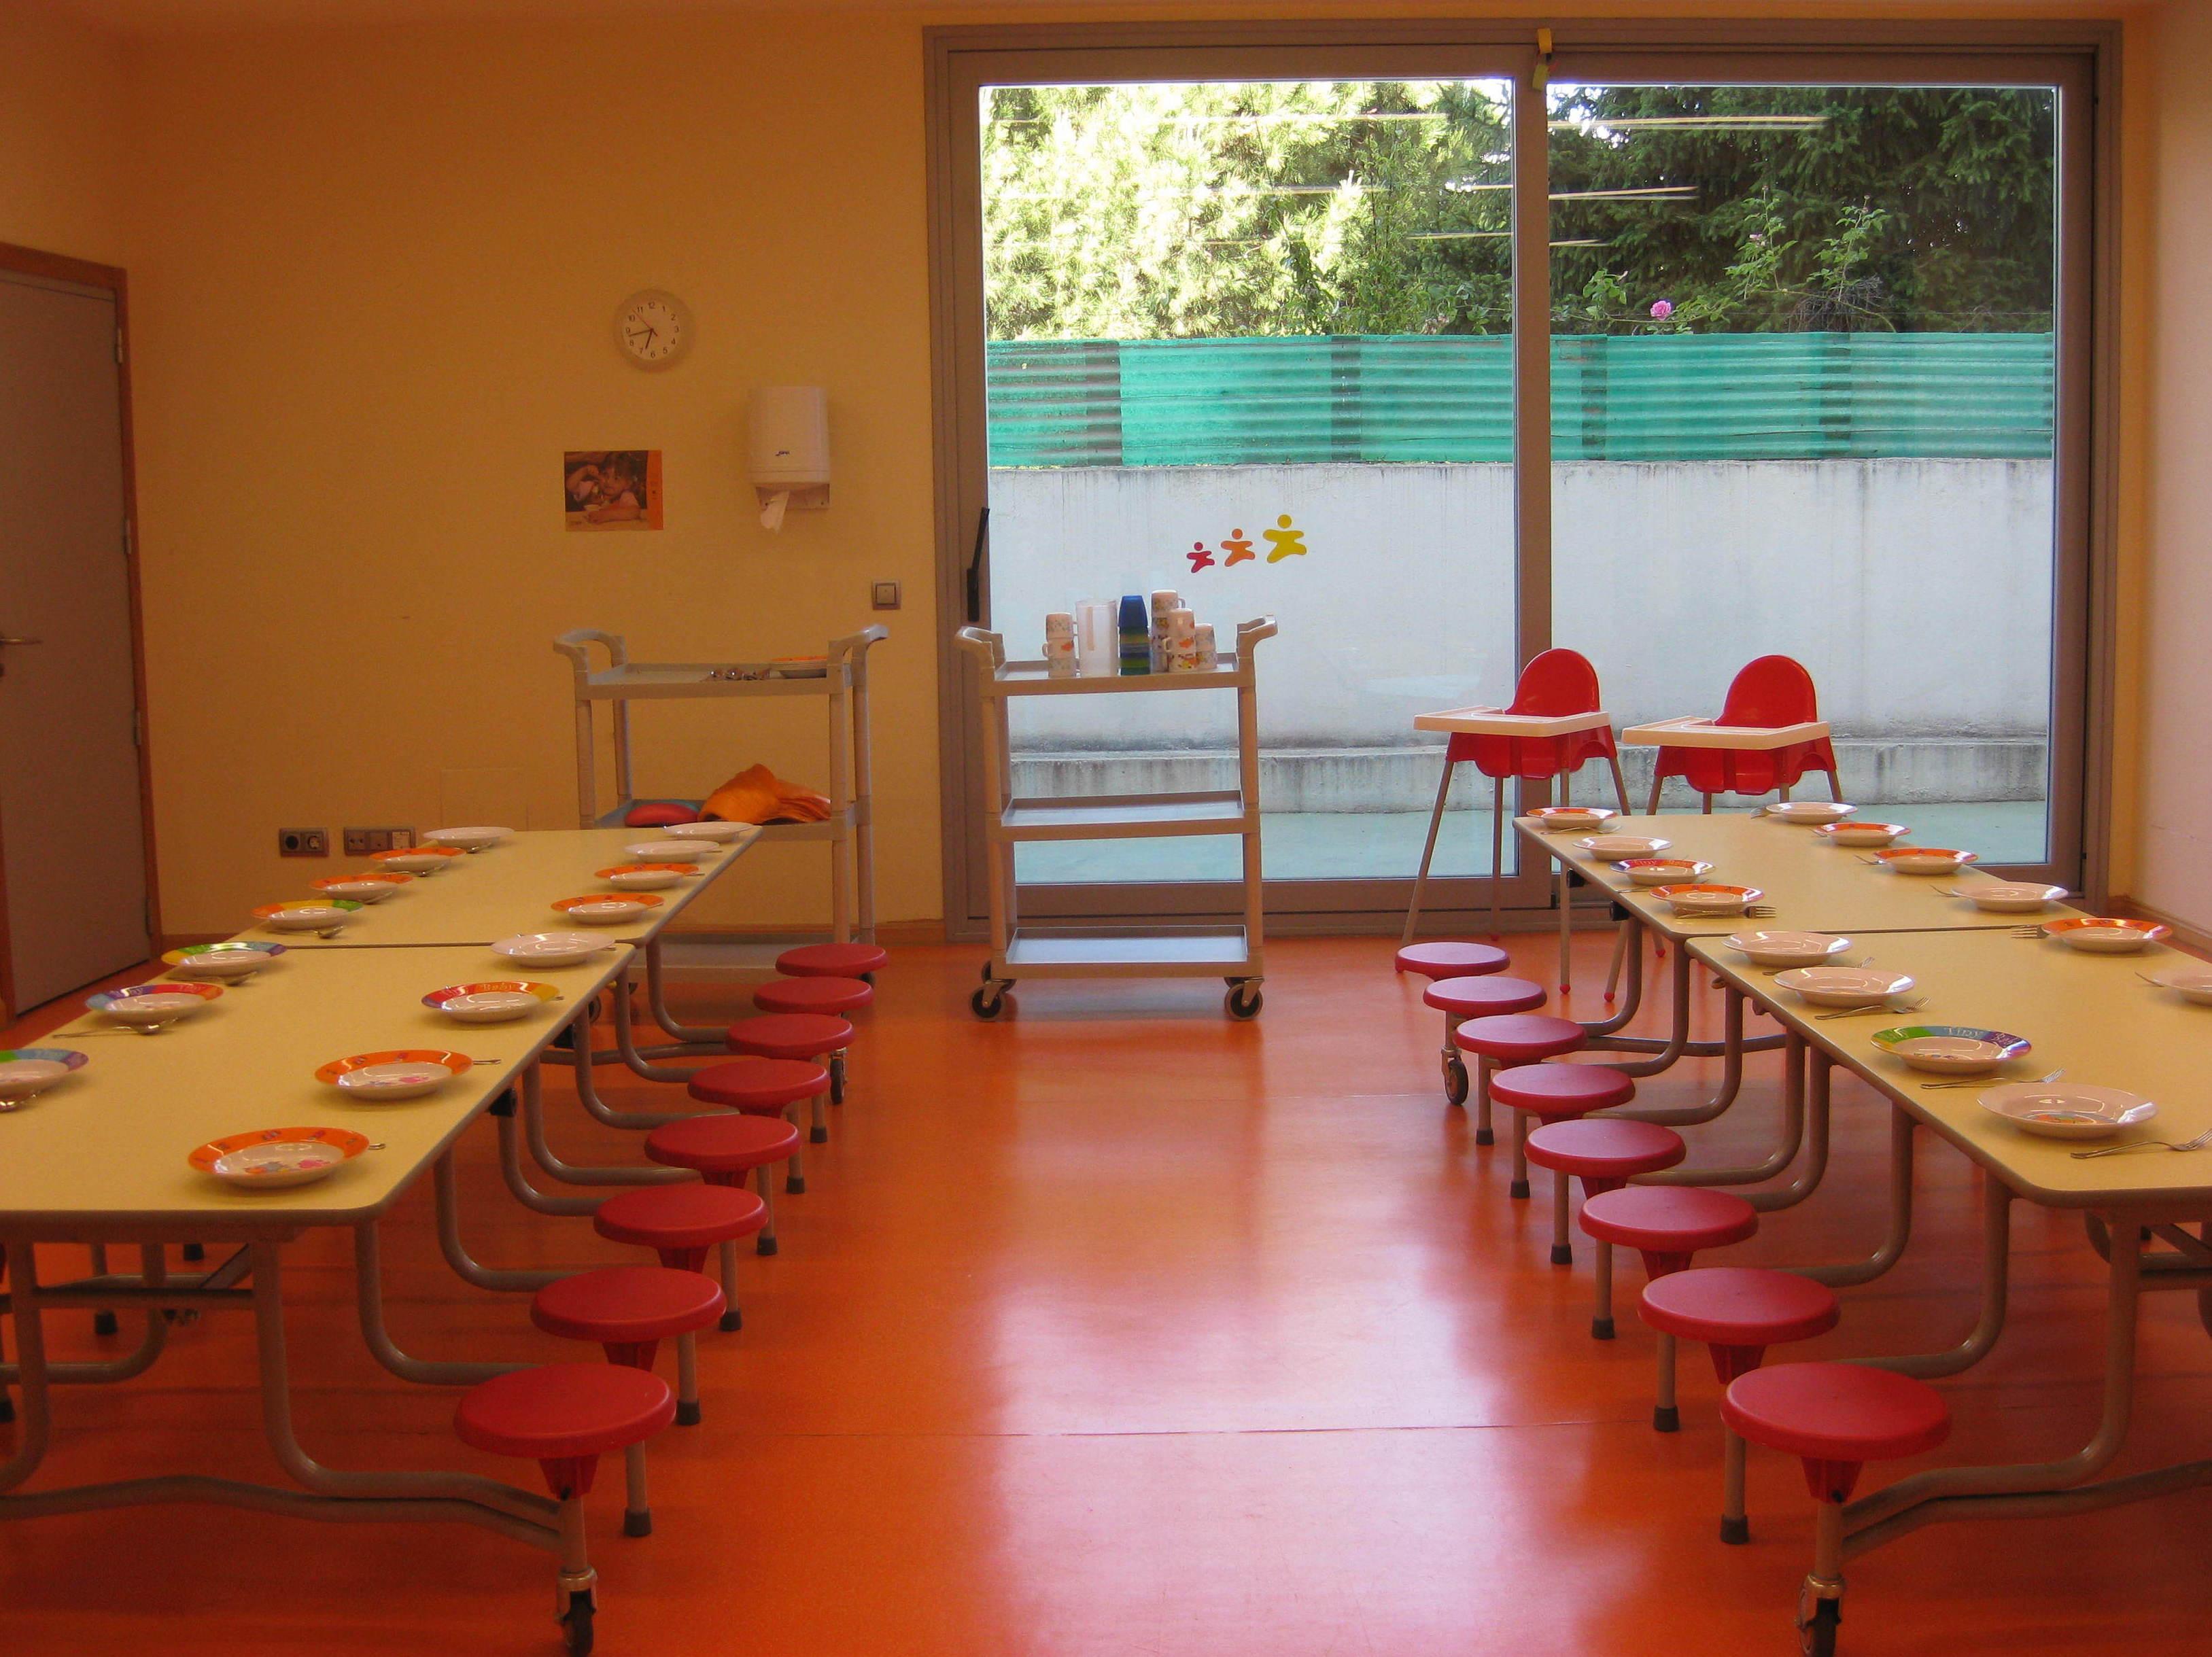 Comedor de la escuela